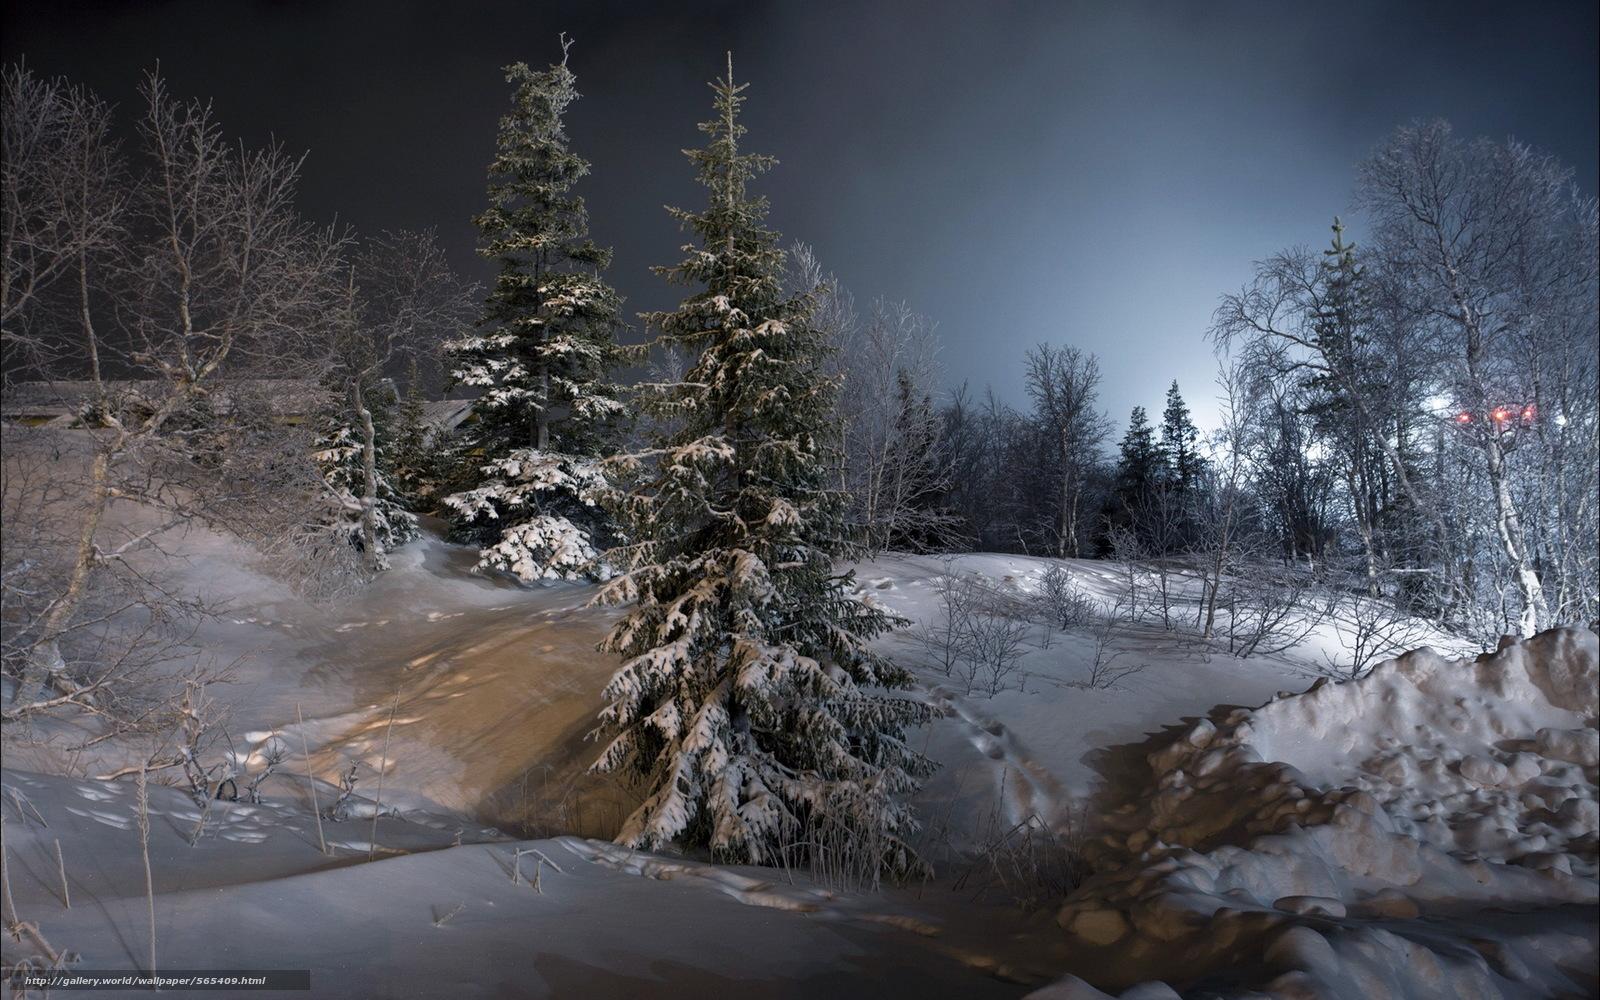 Tlcharger fond d 39 ecran hiver arbres de no l paysage for Paesaggi invernali per desktop